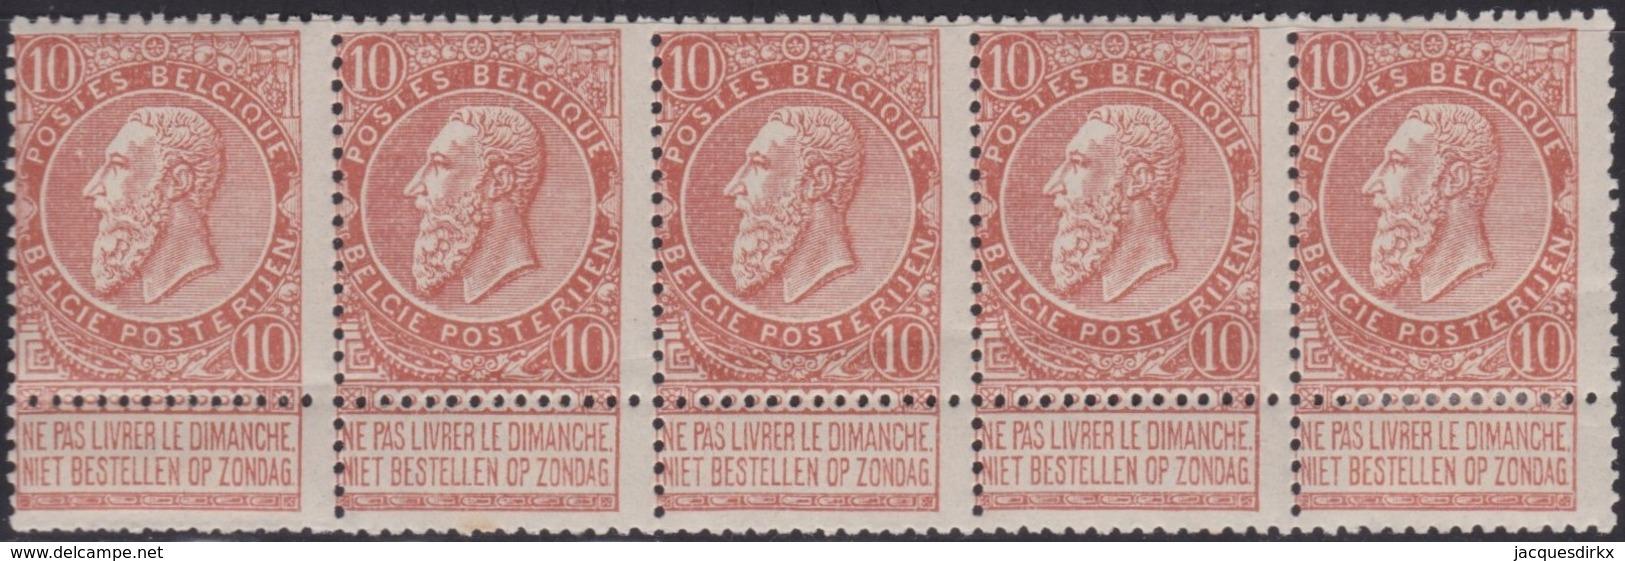 Belgie   .  OBP  .   57  5x  (1 Zegel:  *)     .    **   .     Postfris    .  /   .  Neuf Sans Charniere - 1893-1900 Thin Beard